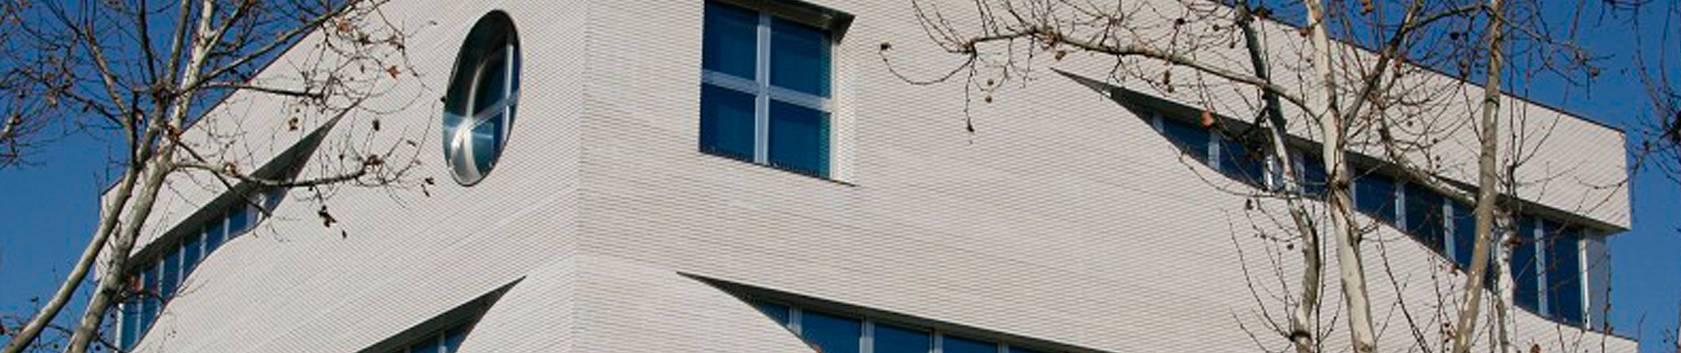 Escola Marinada de Palau, SCCL Administracions públiques Palau Solità i Plegamans Barcelona